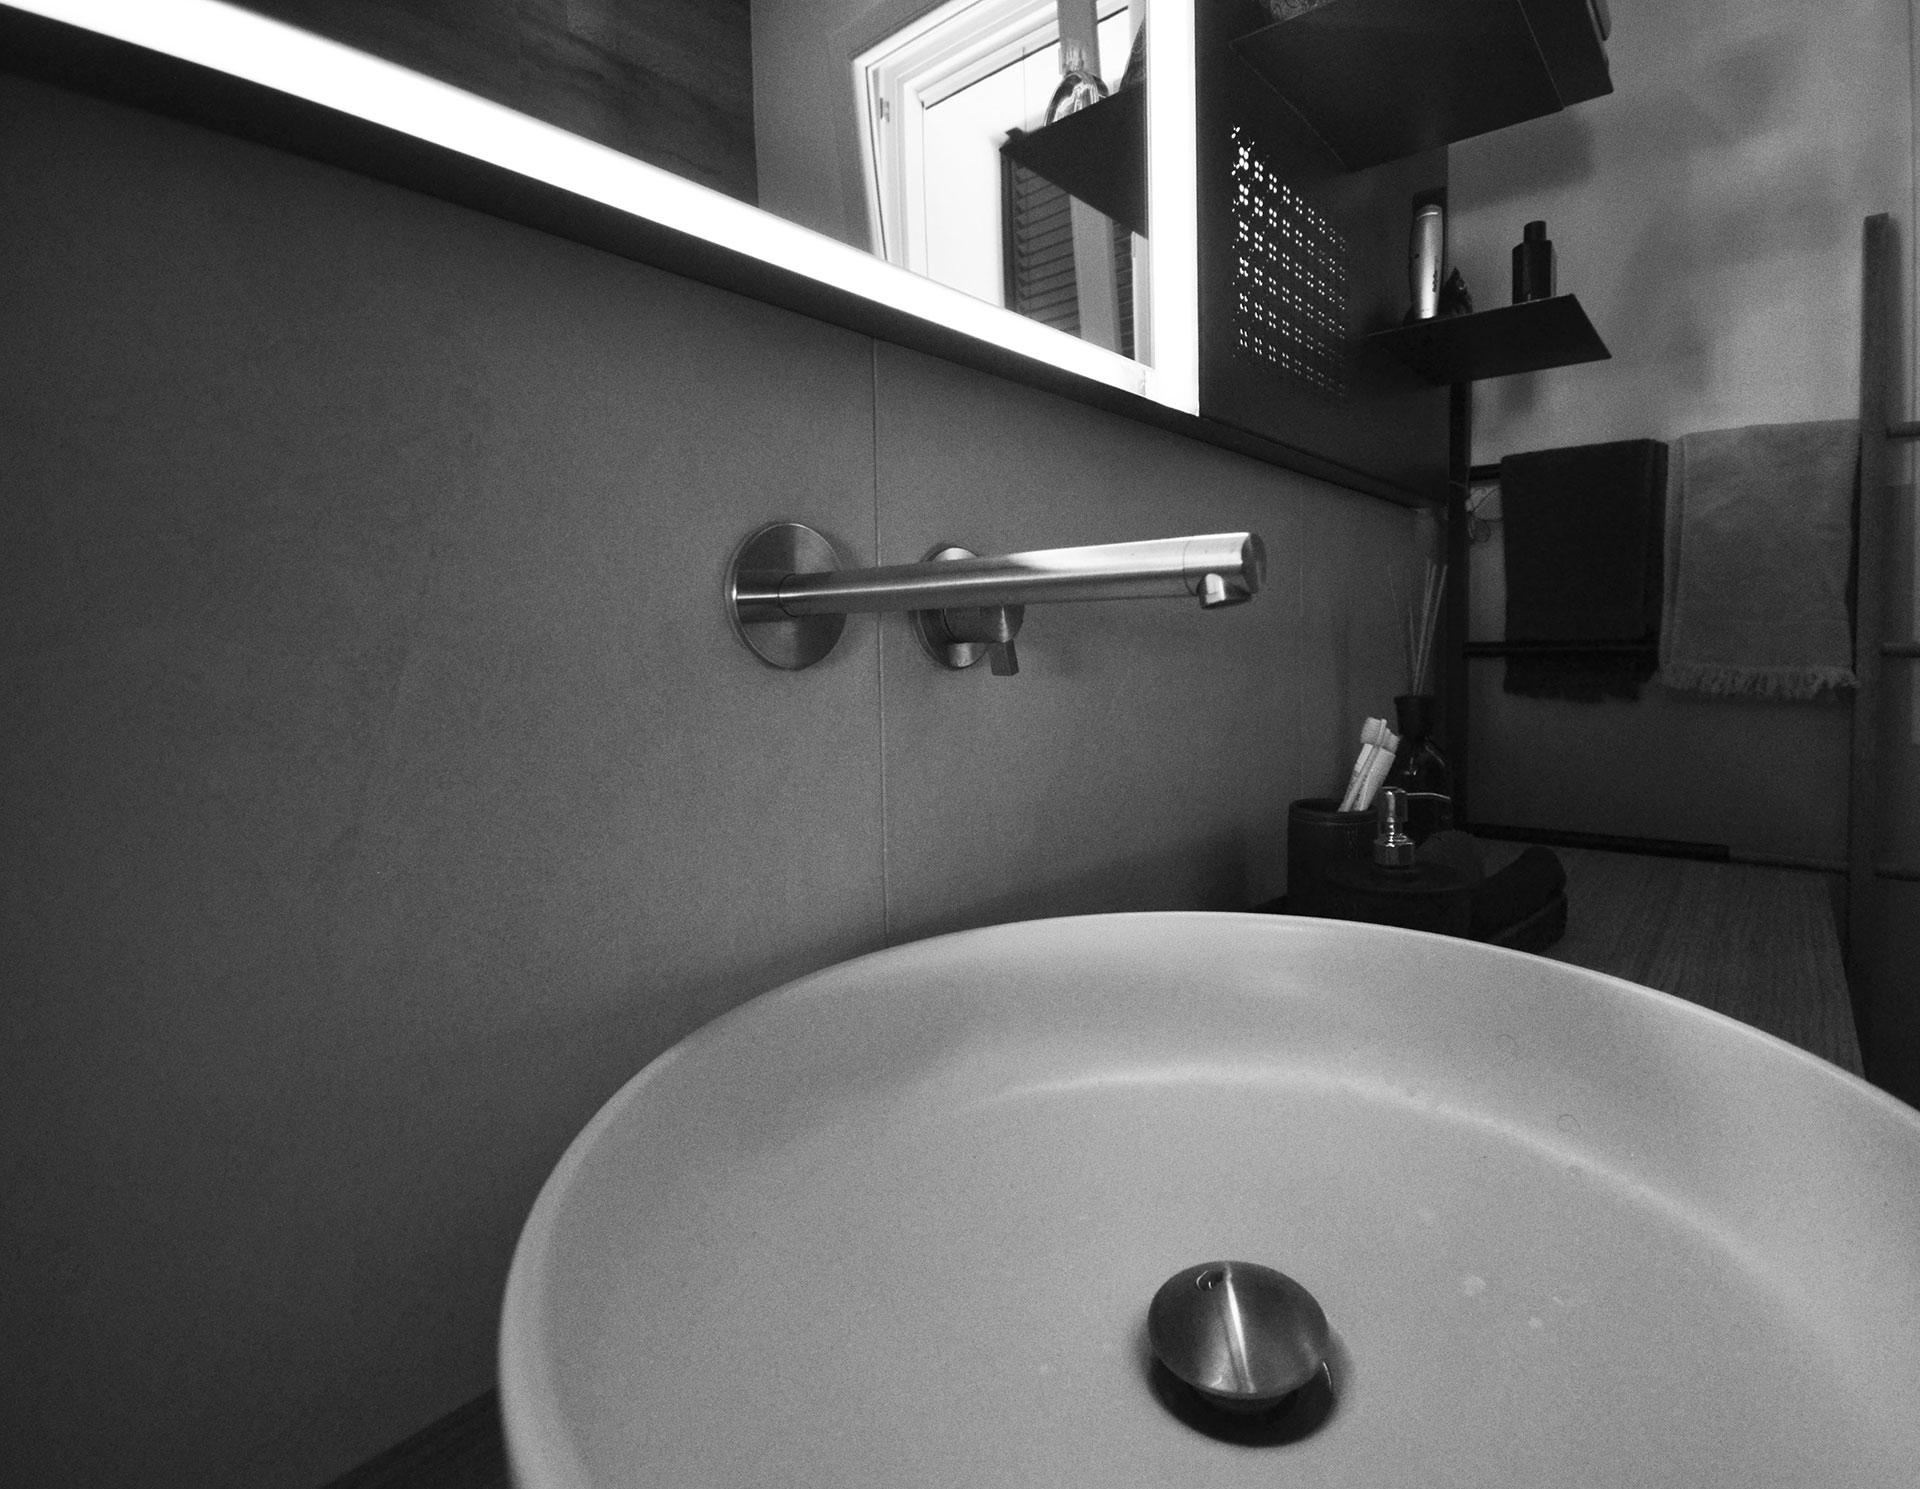 specchio. zoom su lavabo